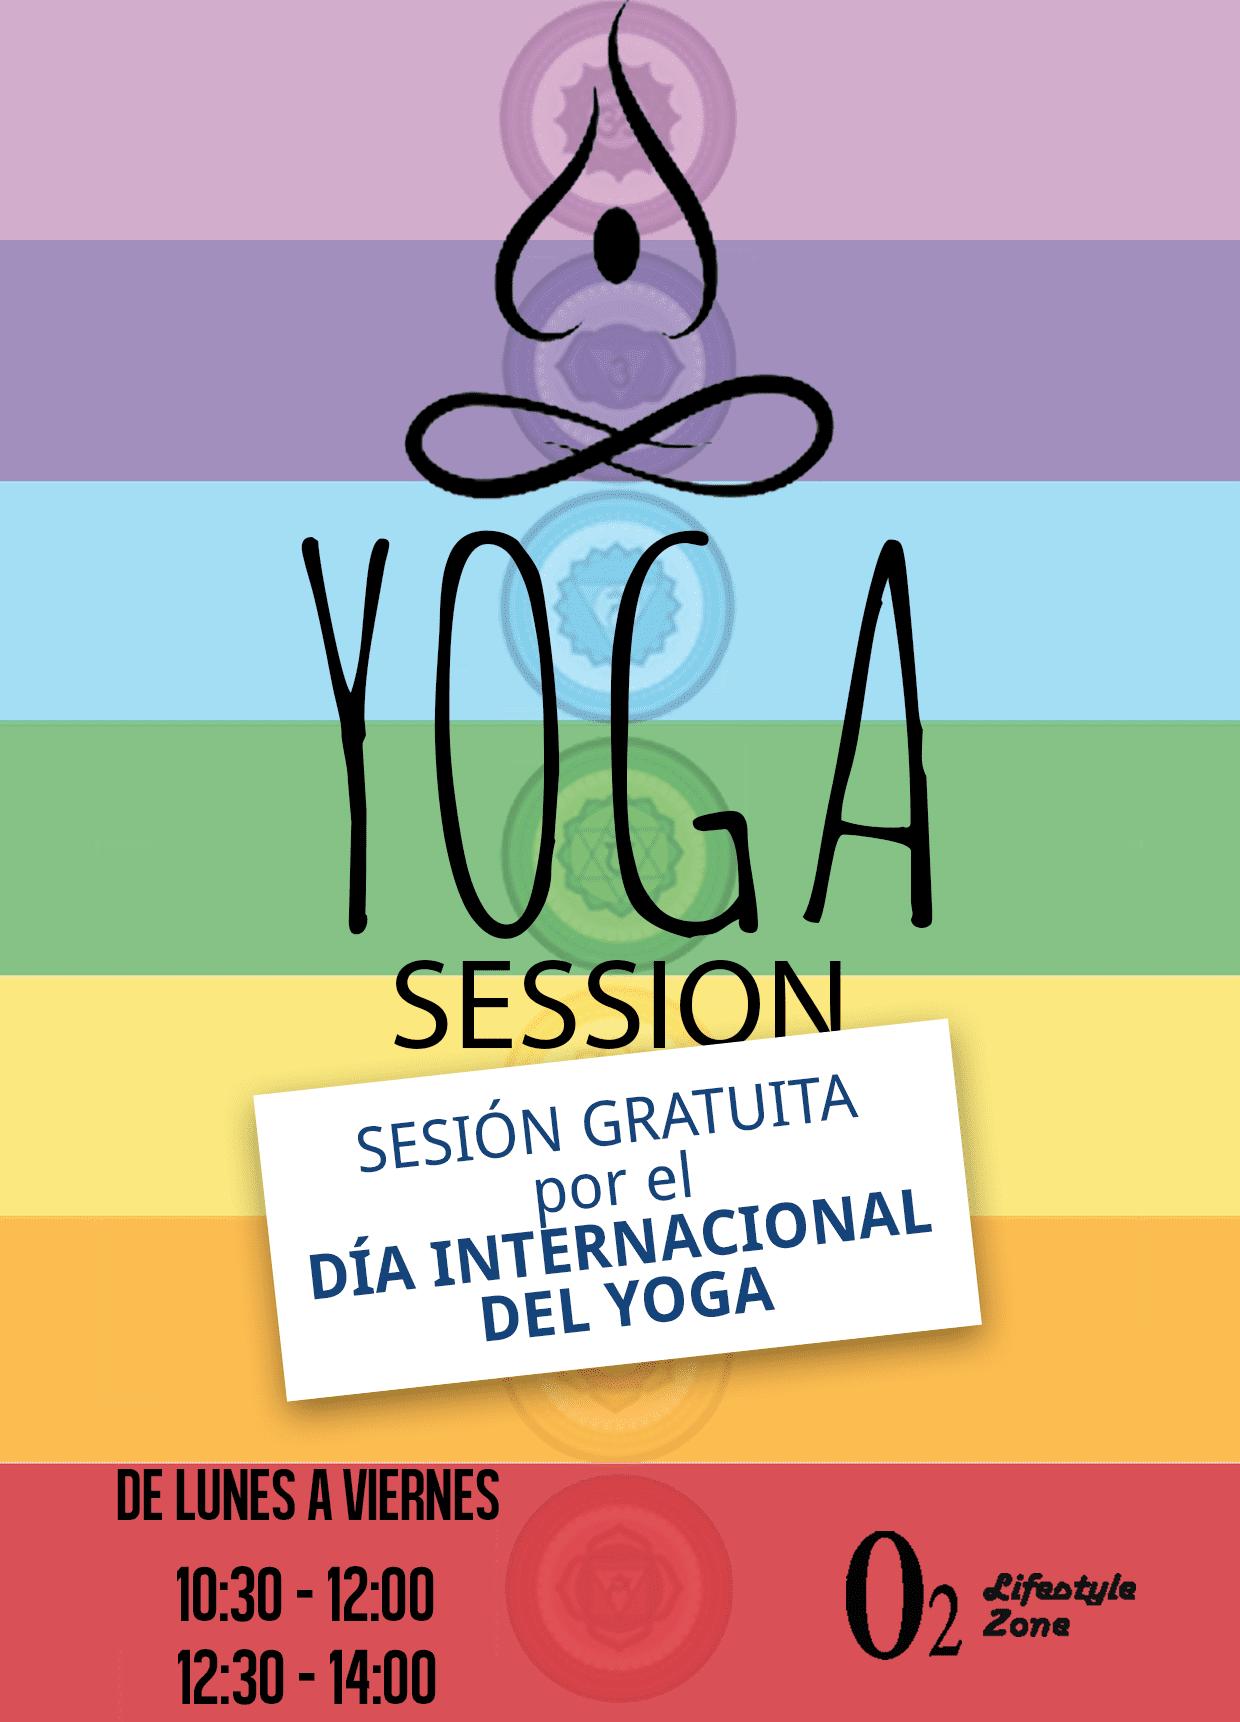 sesión especial gratis día internacional yoga